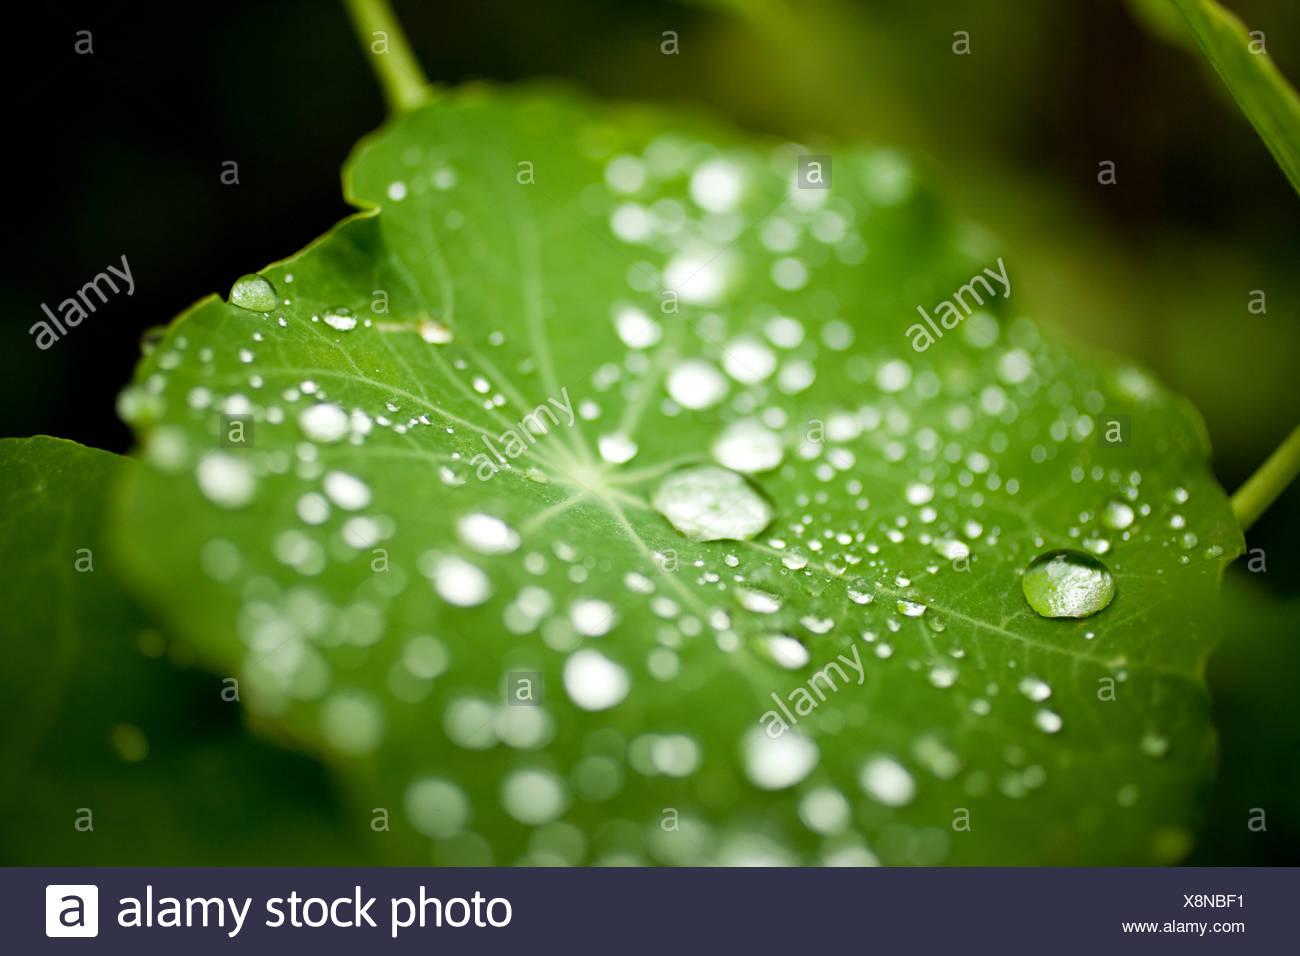 Les gouttelettes d'eau sur les feuilles Photo Stock